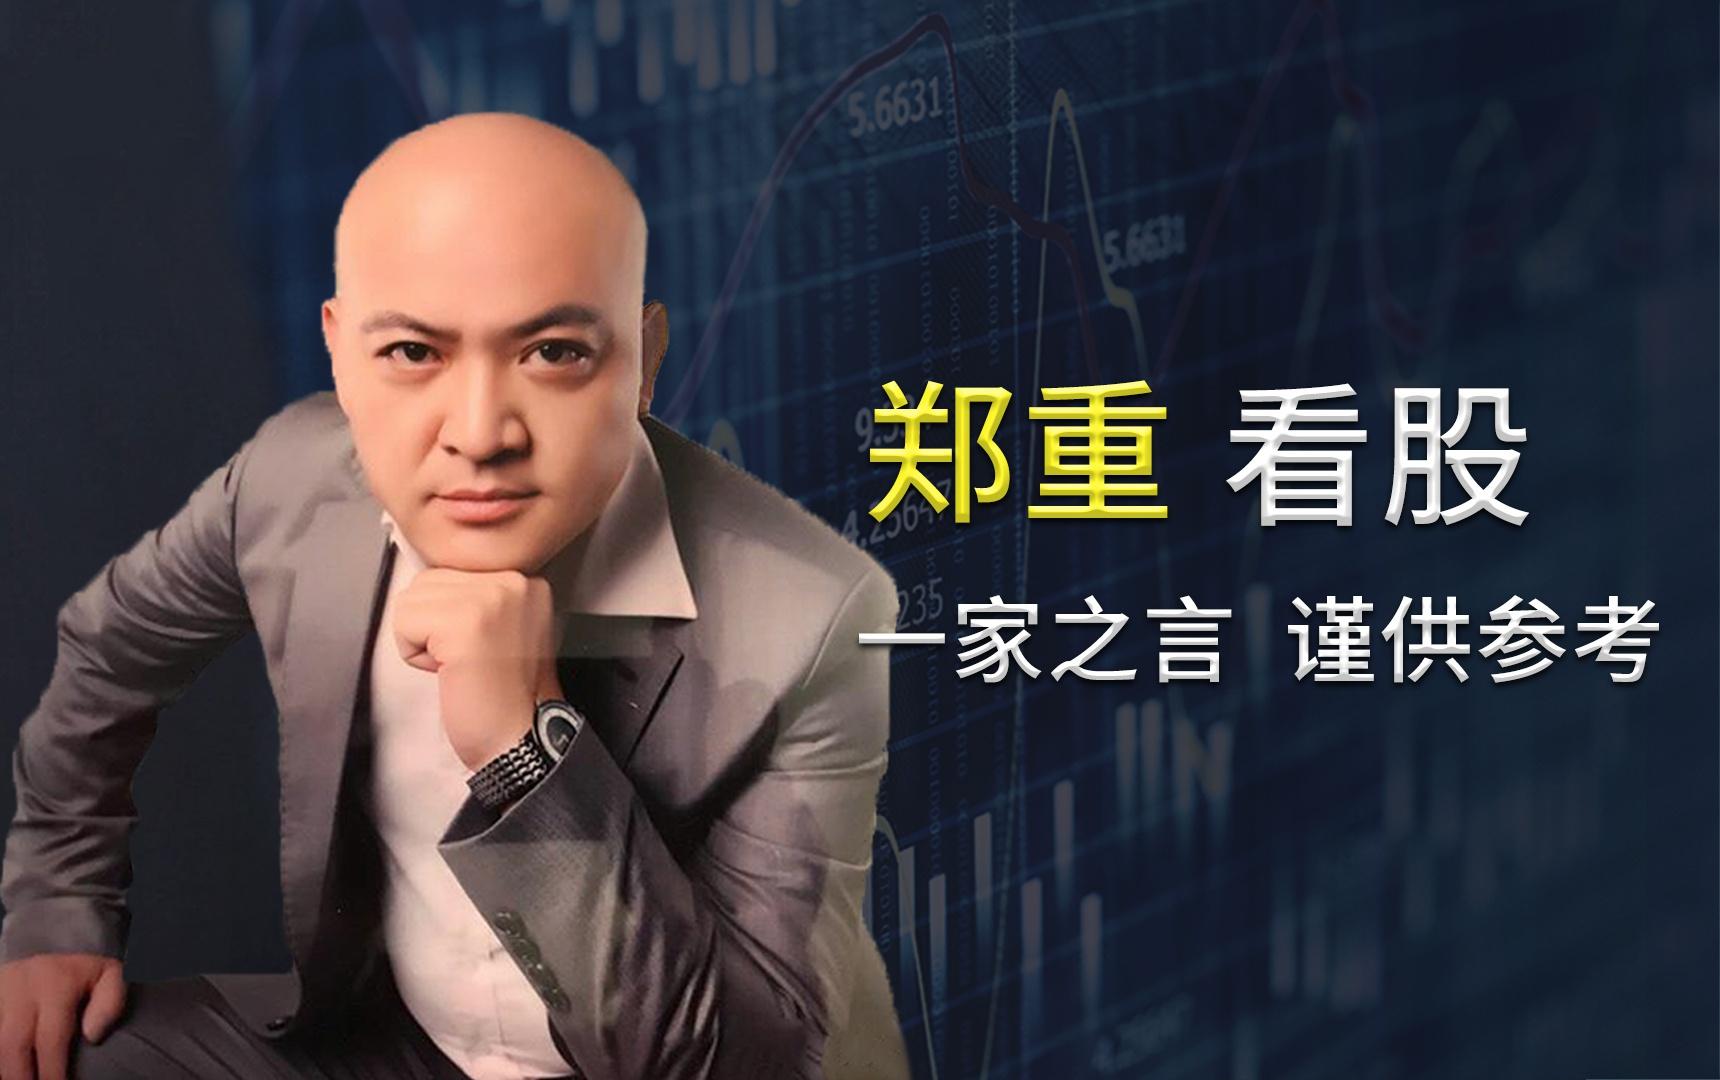 《【万和城品牌】郑重看股:资金短期撤离创业板》